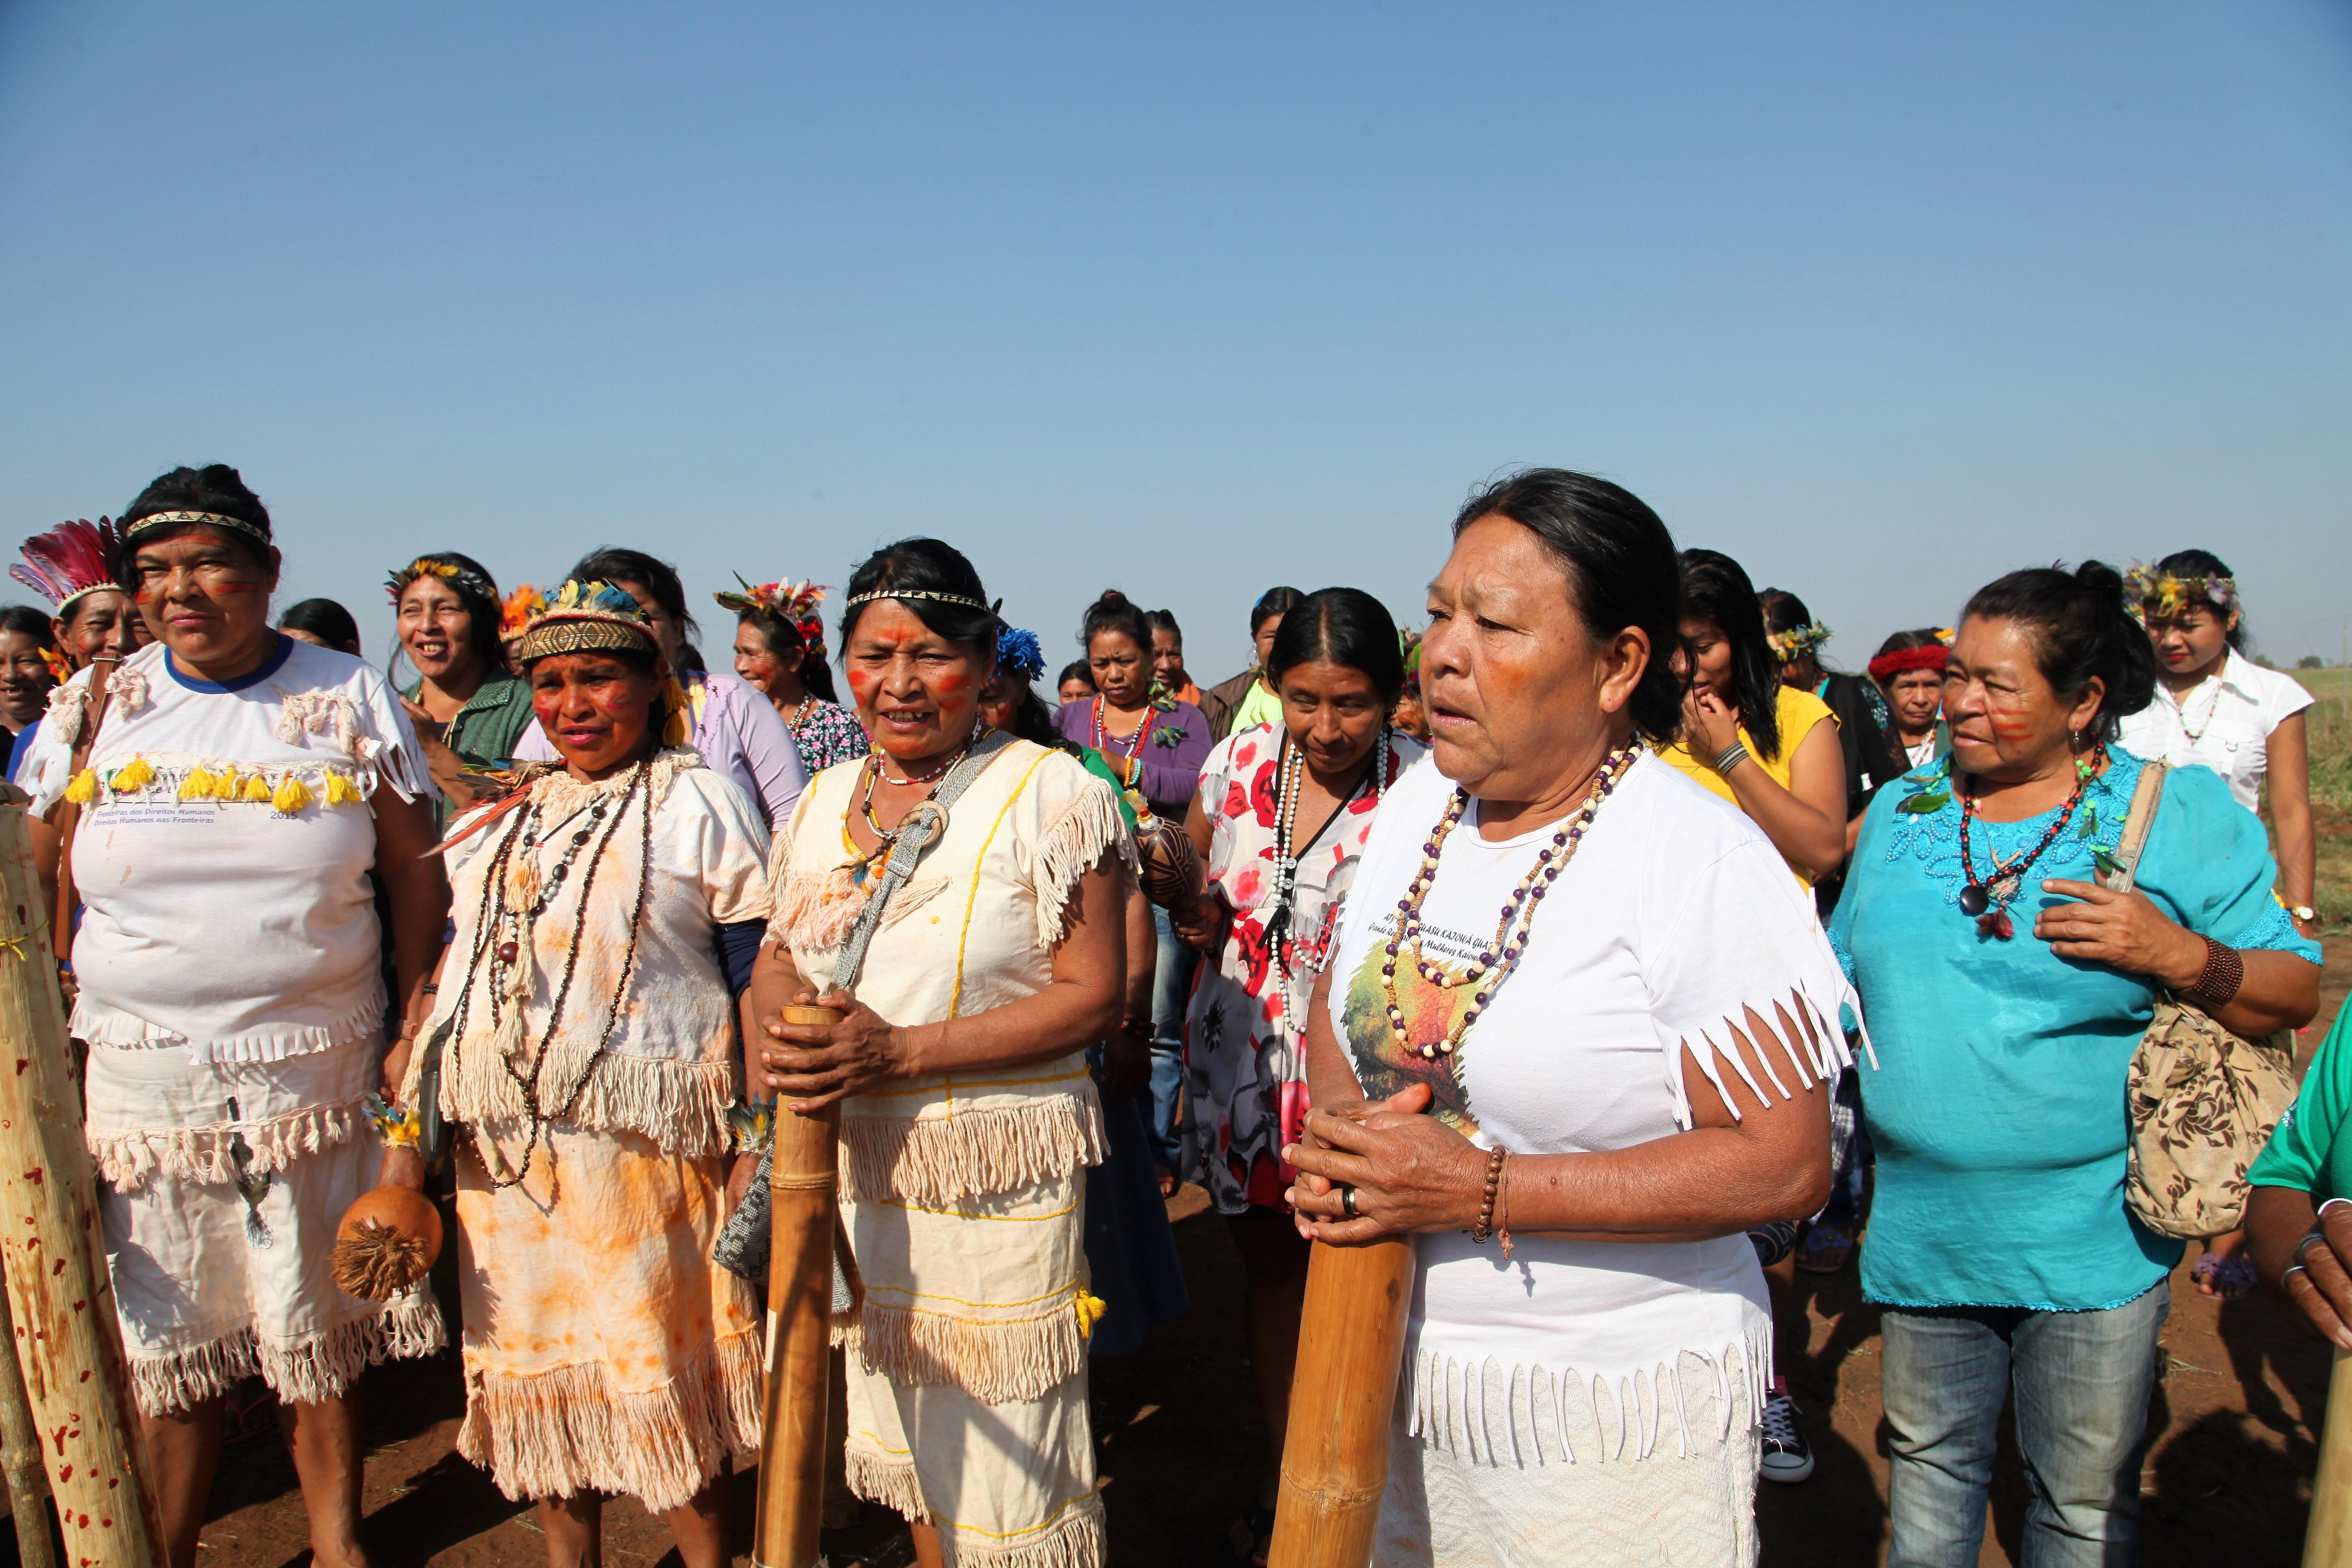 Nações Unidas participam do Aty Kuña, grande assembleia das mulheres indígenas, em Mato Grosso do Sul/noticias direitosdasmulheres